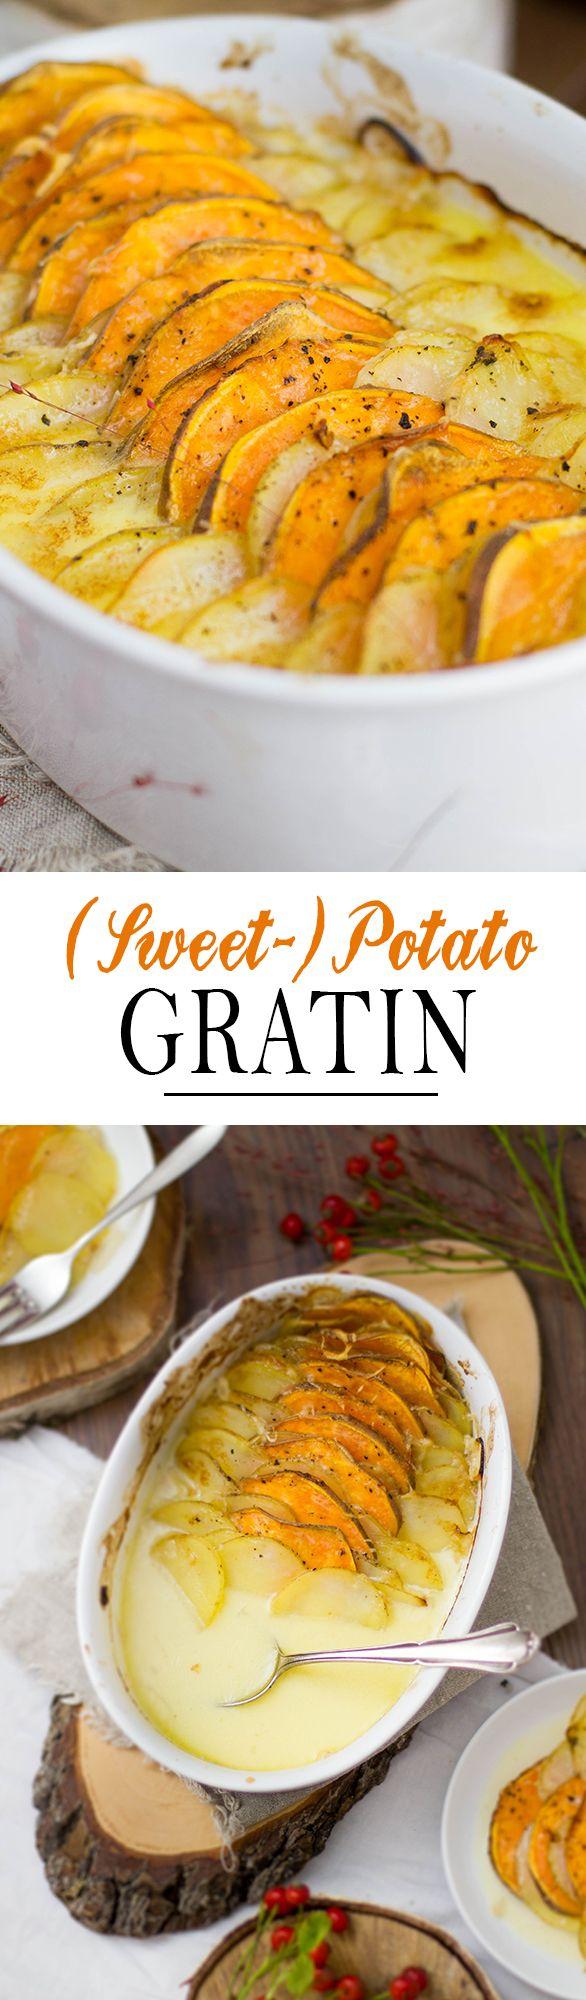 Sweet Potato Gratin with Gruyer Onion Cheese Sauce | Süßkartoffel Auflauf mit Gruyer zwiebel Sauce